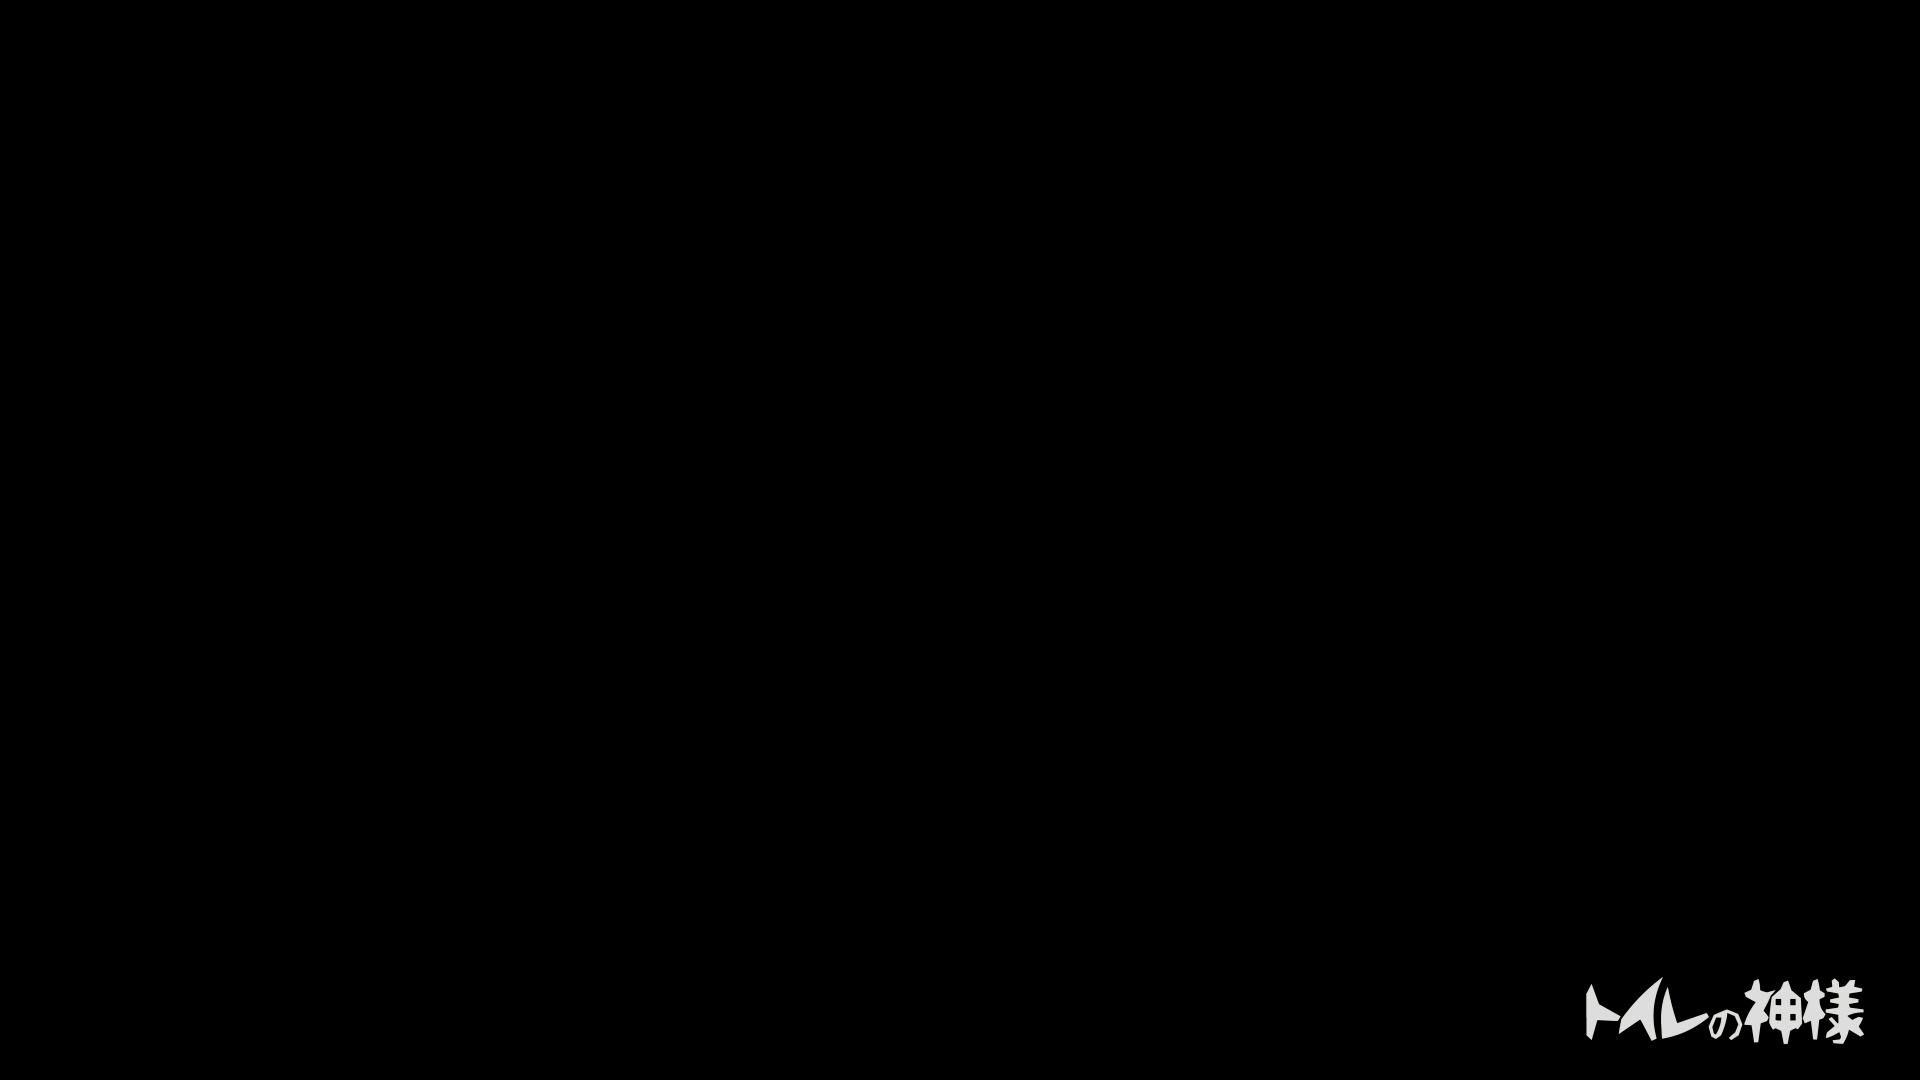 ▲2017_28位▲ ビアガーデン!美人が6人!トイレの神様 Vol.11 洗面所 アダルト動画キャプチャ 72画像 40